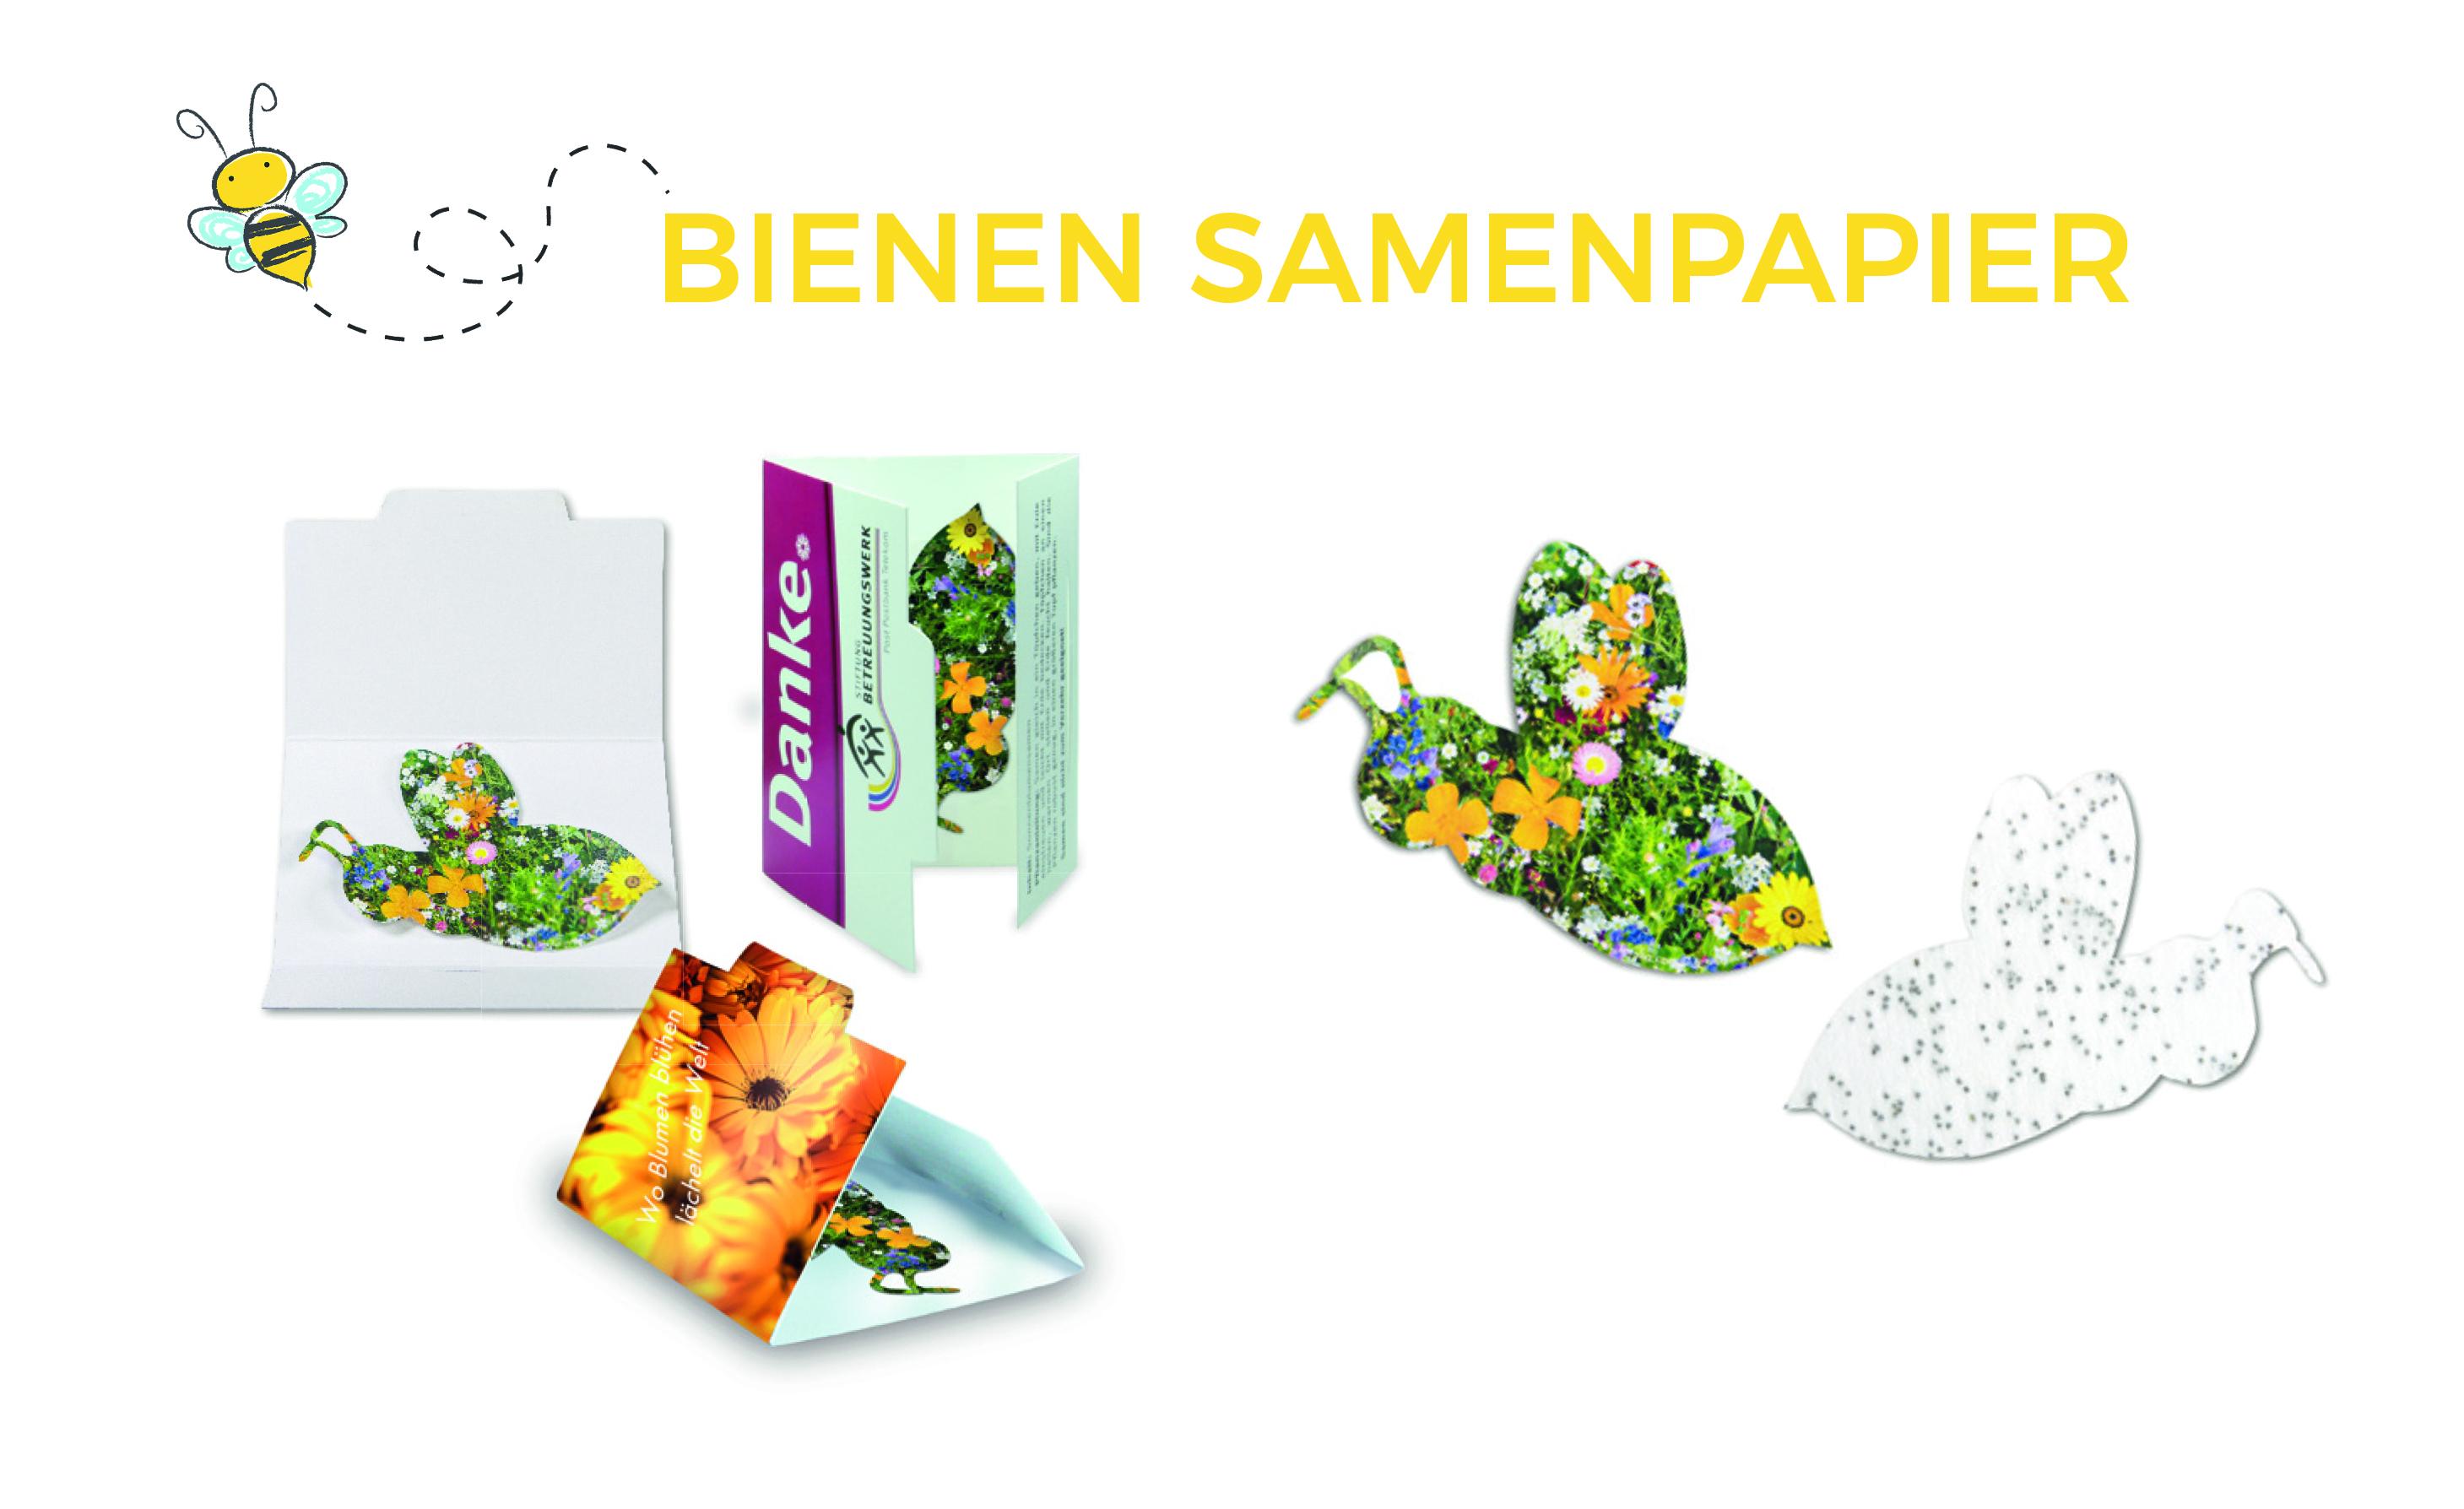 Bienen Samenpapier